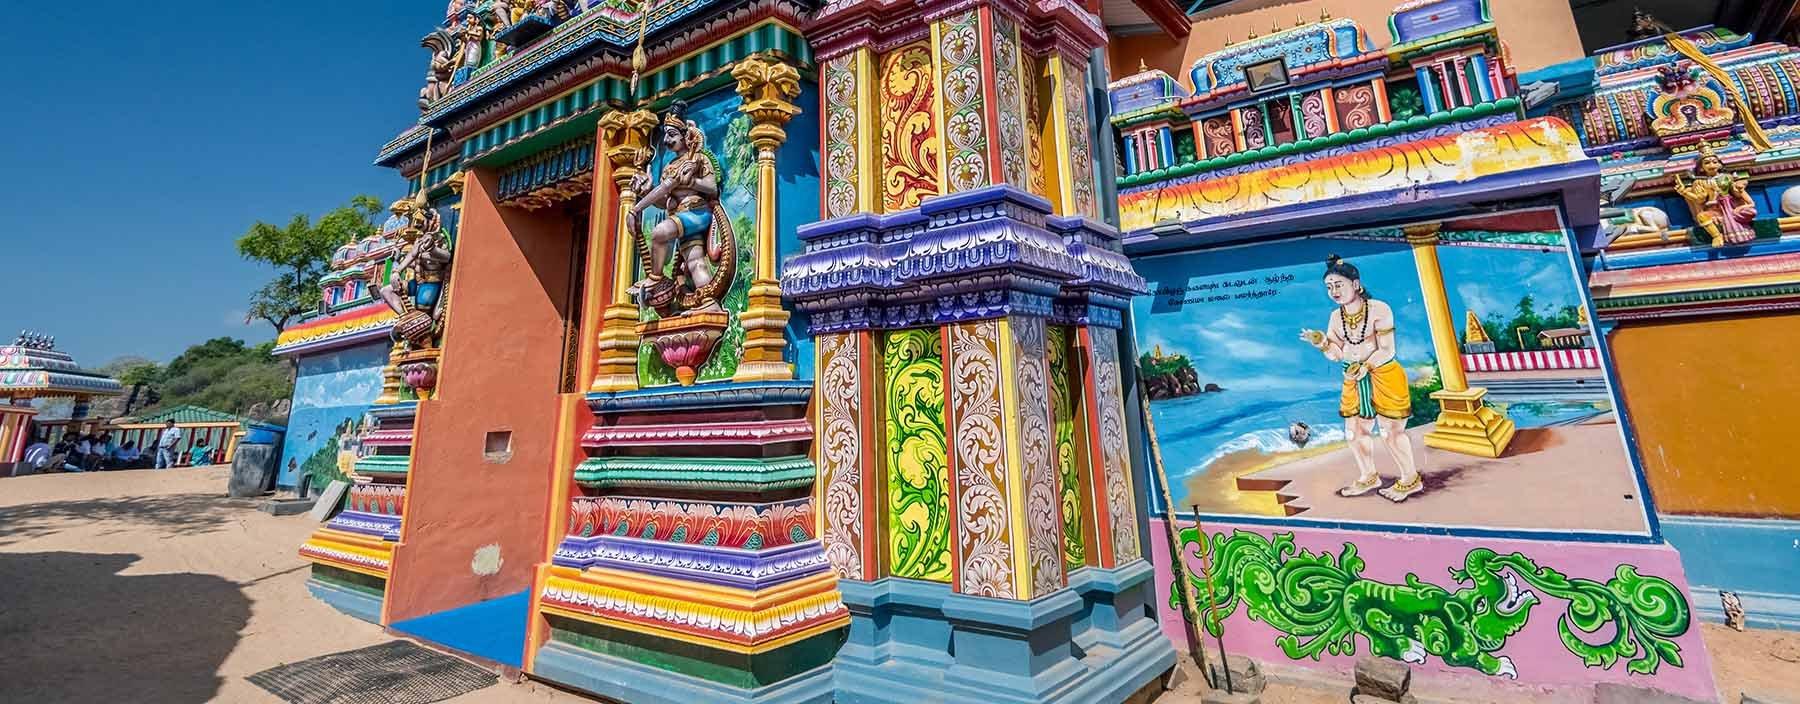 sri lanka, trincomalee, tamil hindu temple (2).jpg